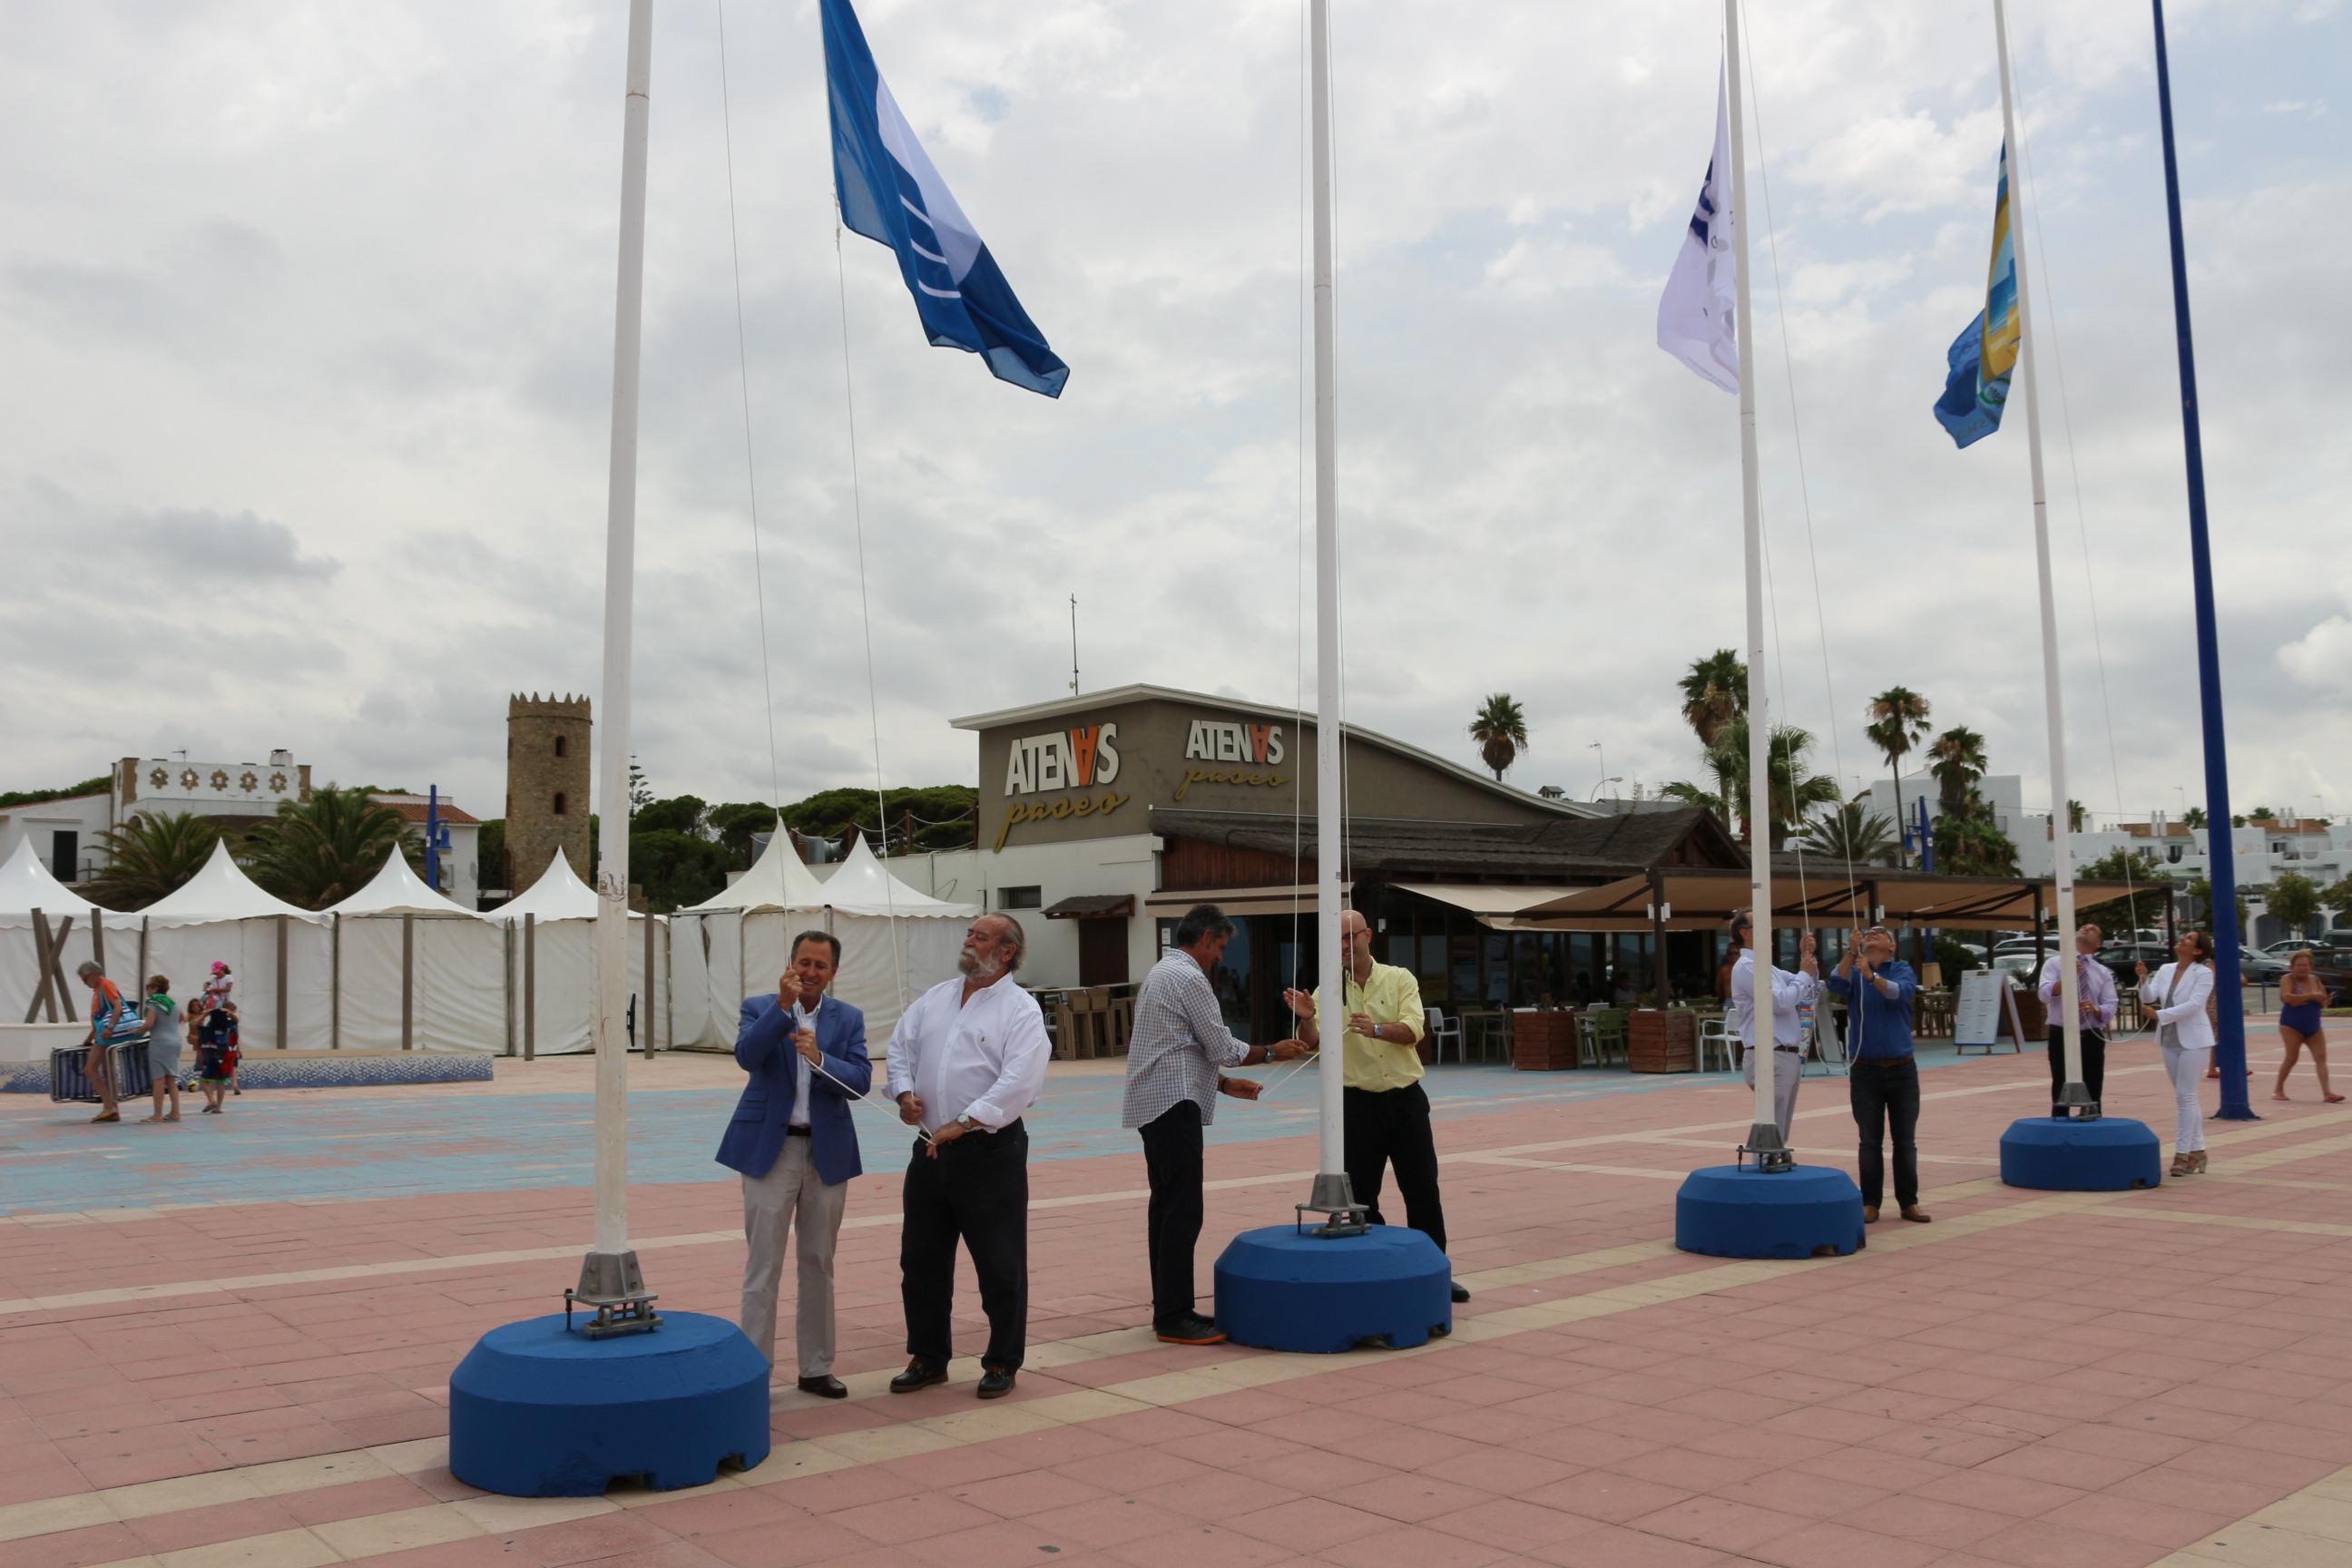 Acto de izado de banderas en la playa de La Barrosa